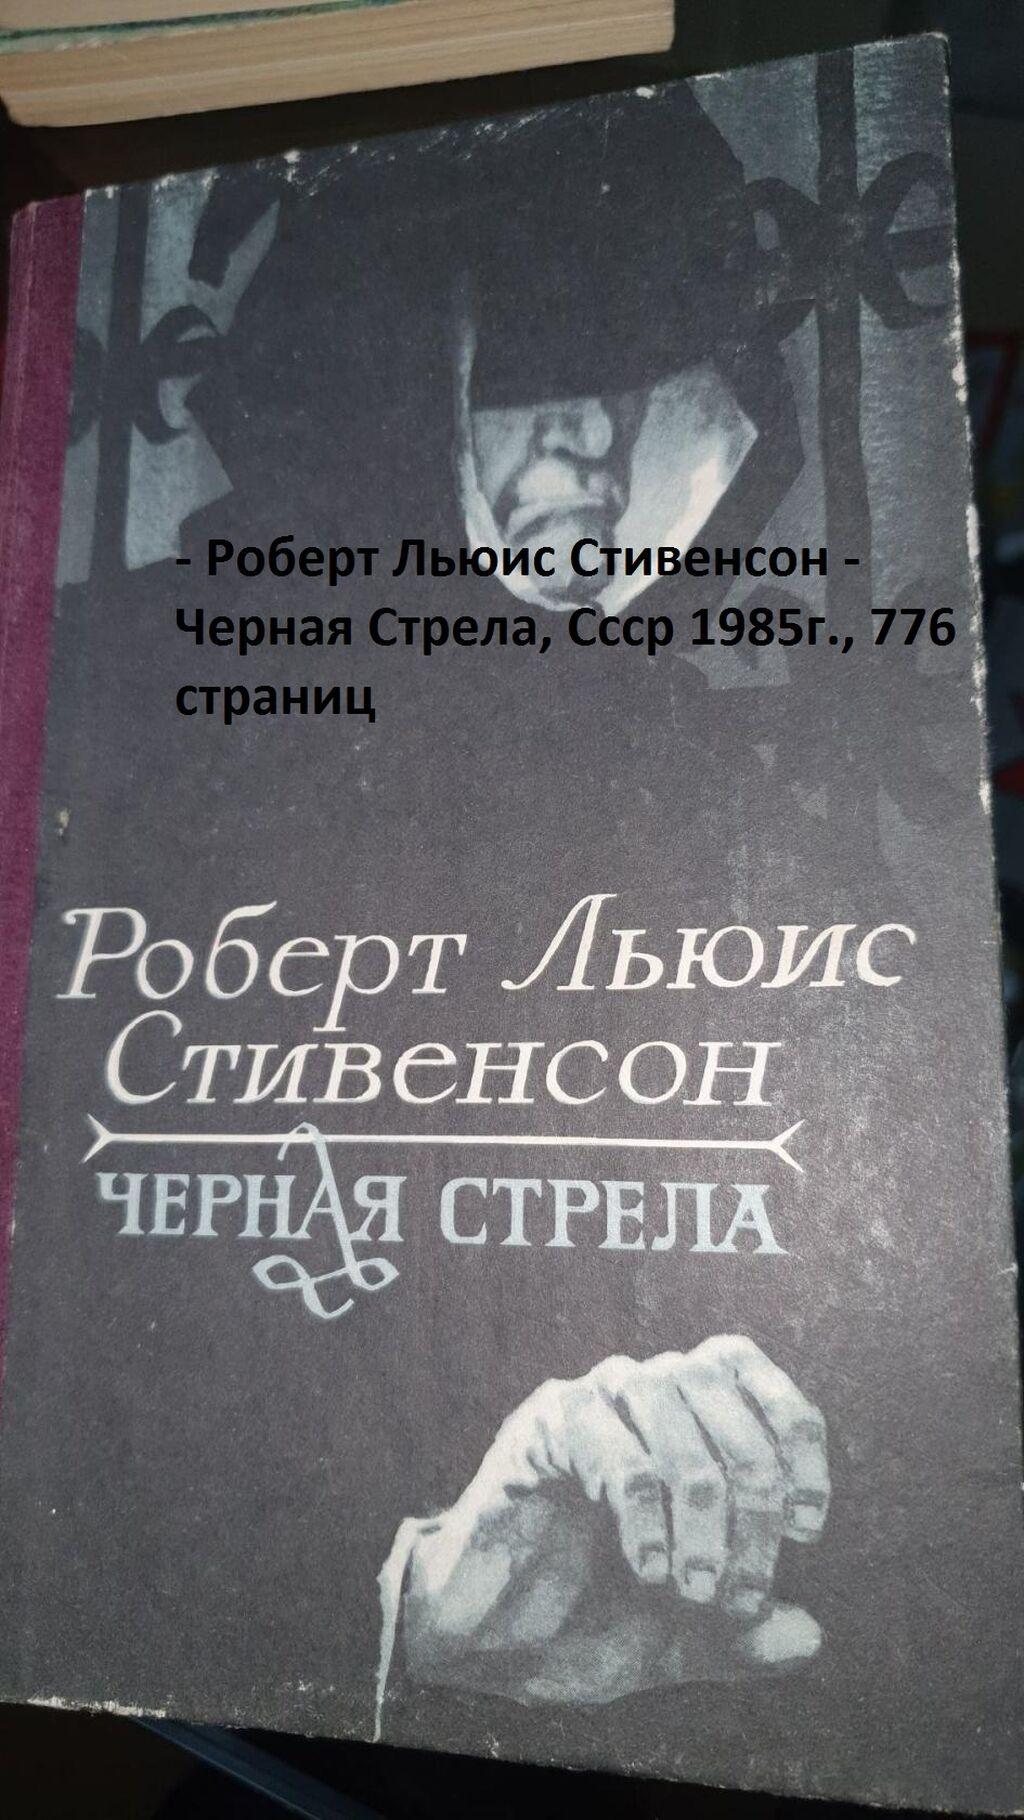 - Роберт Льюис Стивенсон - Черная Стрела, Ссср 1985г